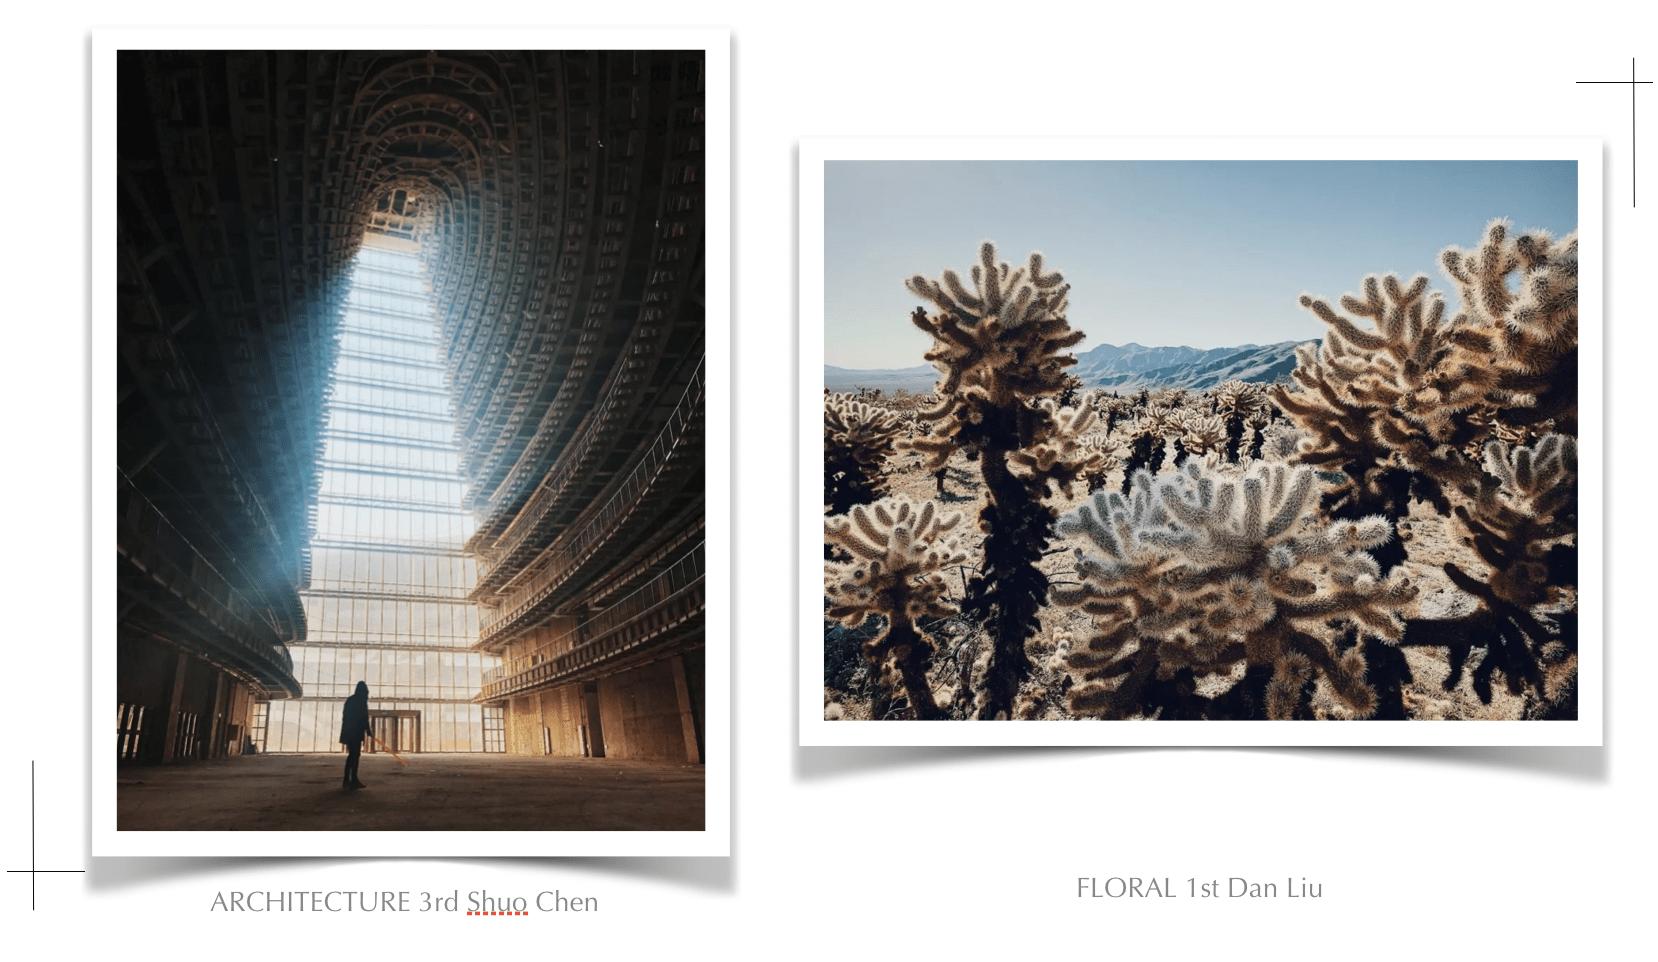 |愛上單眼攝影|攝影師的成長視野:IPPA 全球手機攝影大賽 2019 獲獎作品